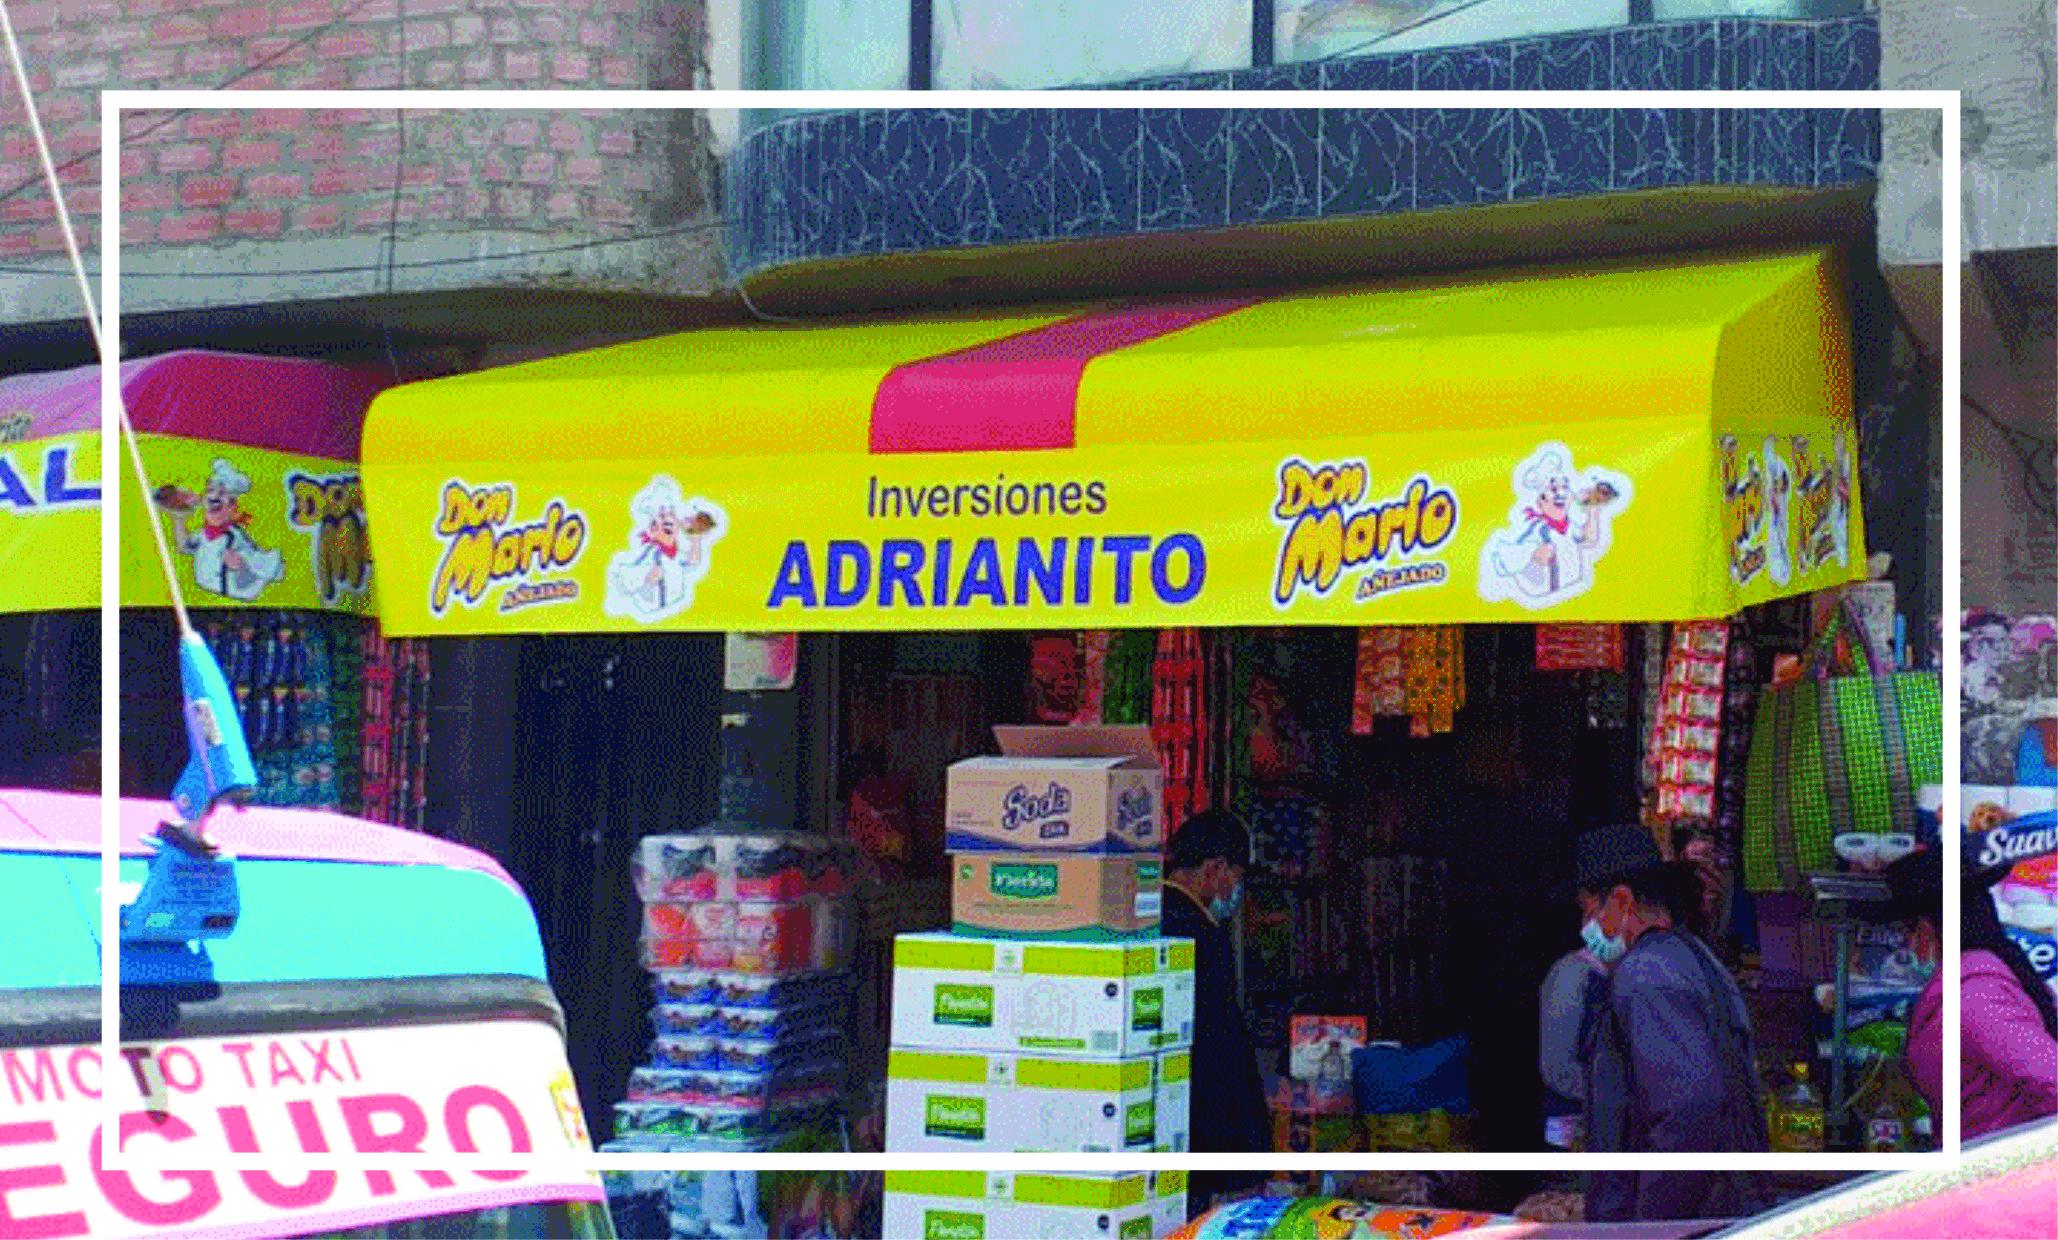 TOLDOS PUBLICITARIOS Y BRANDEO EN PUNTOS DE VENTA